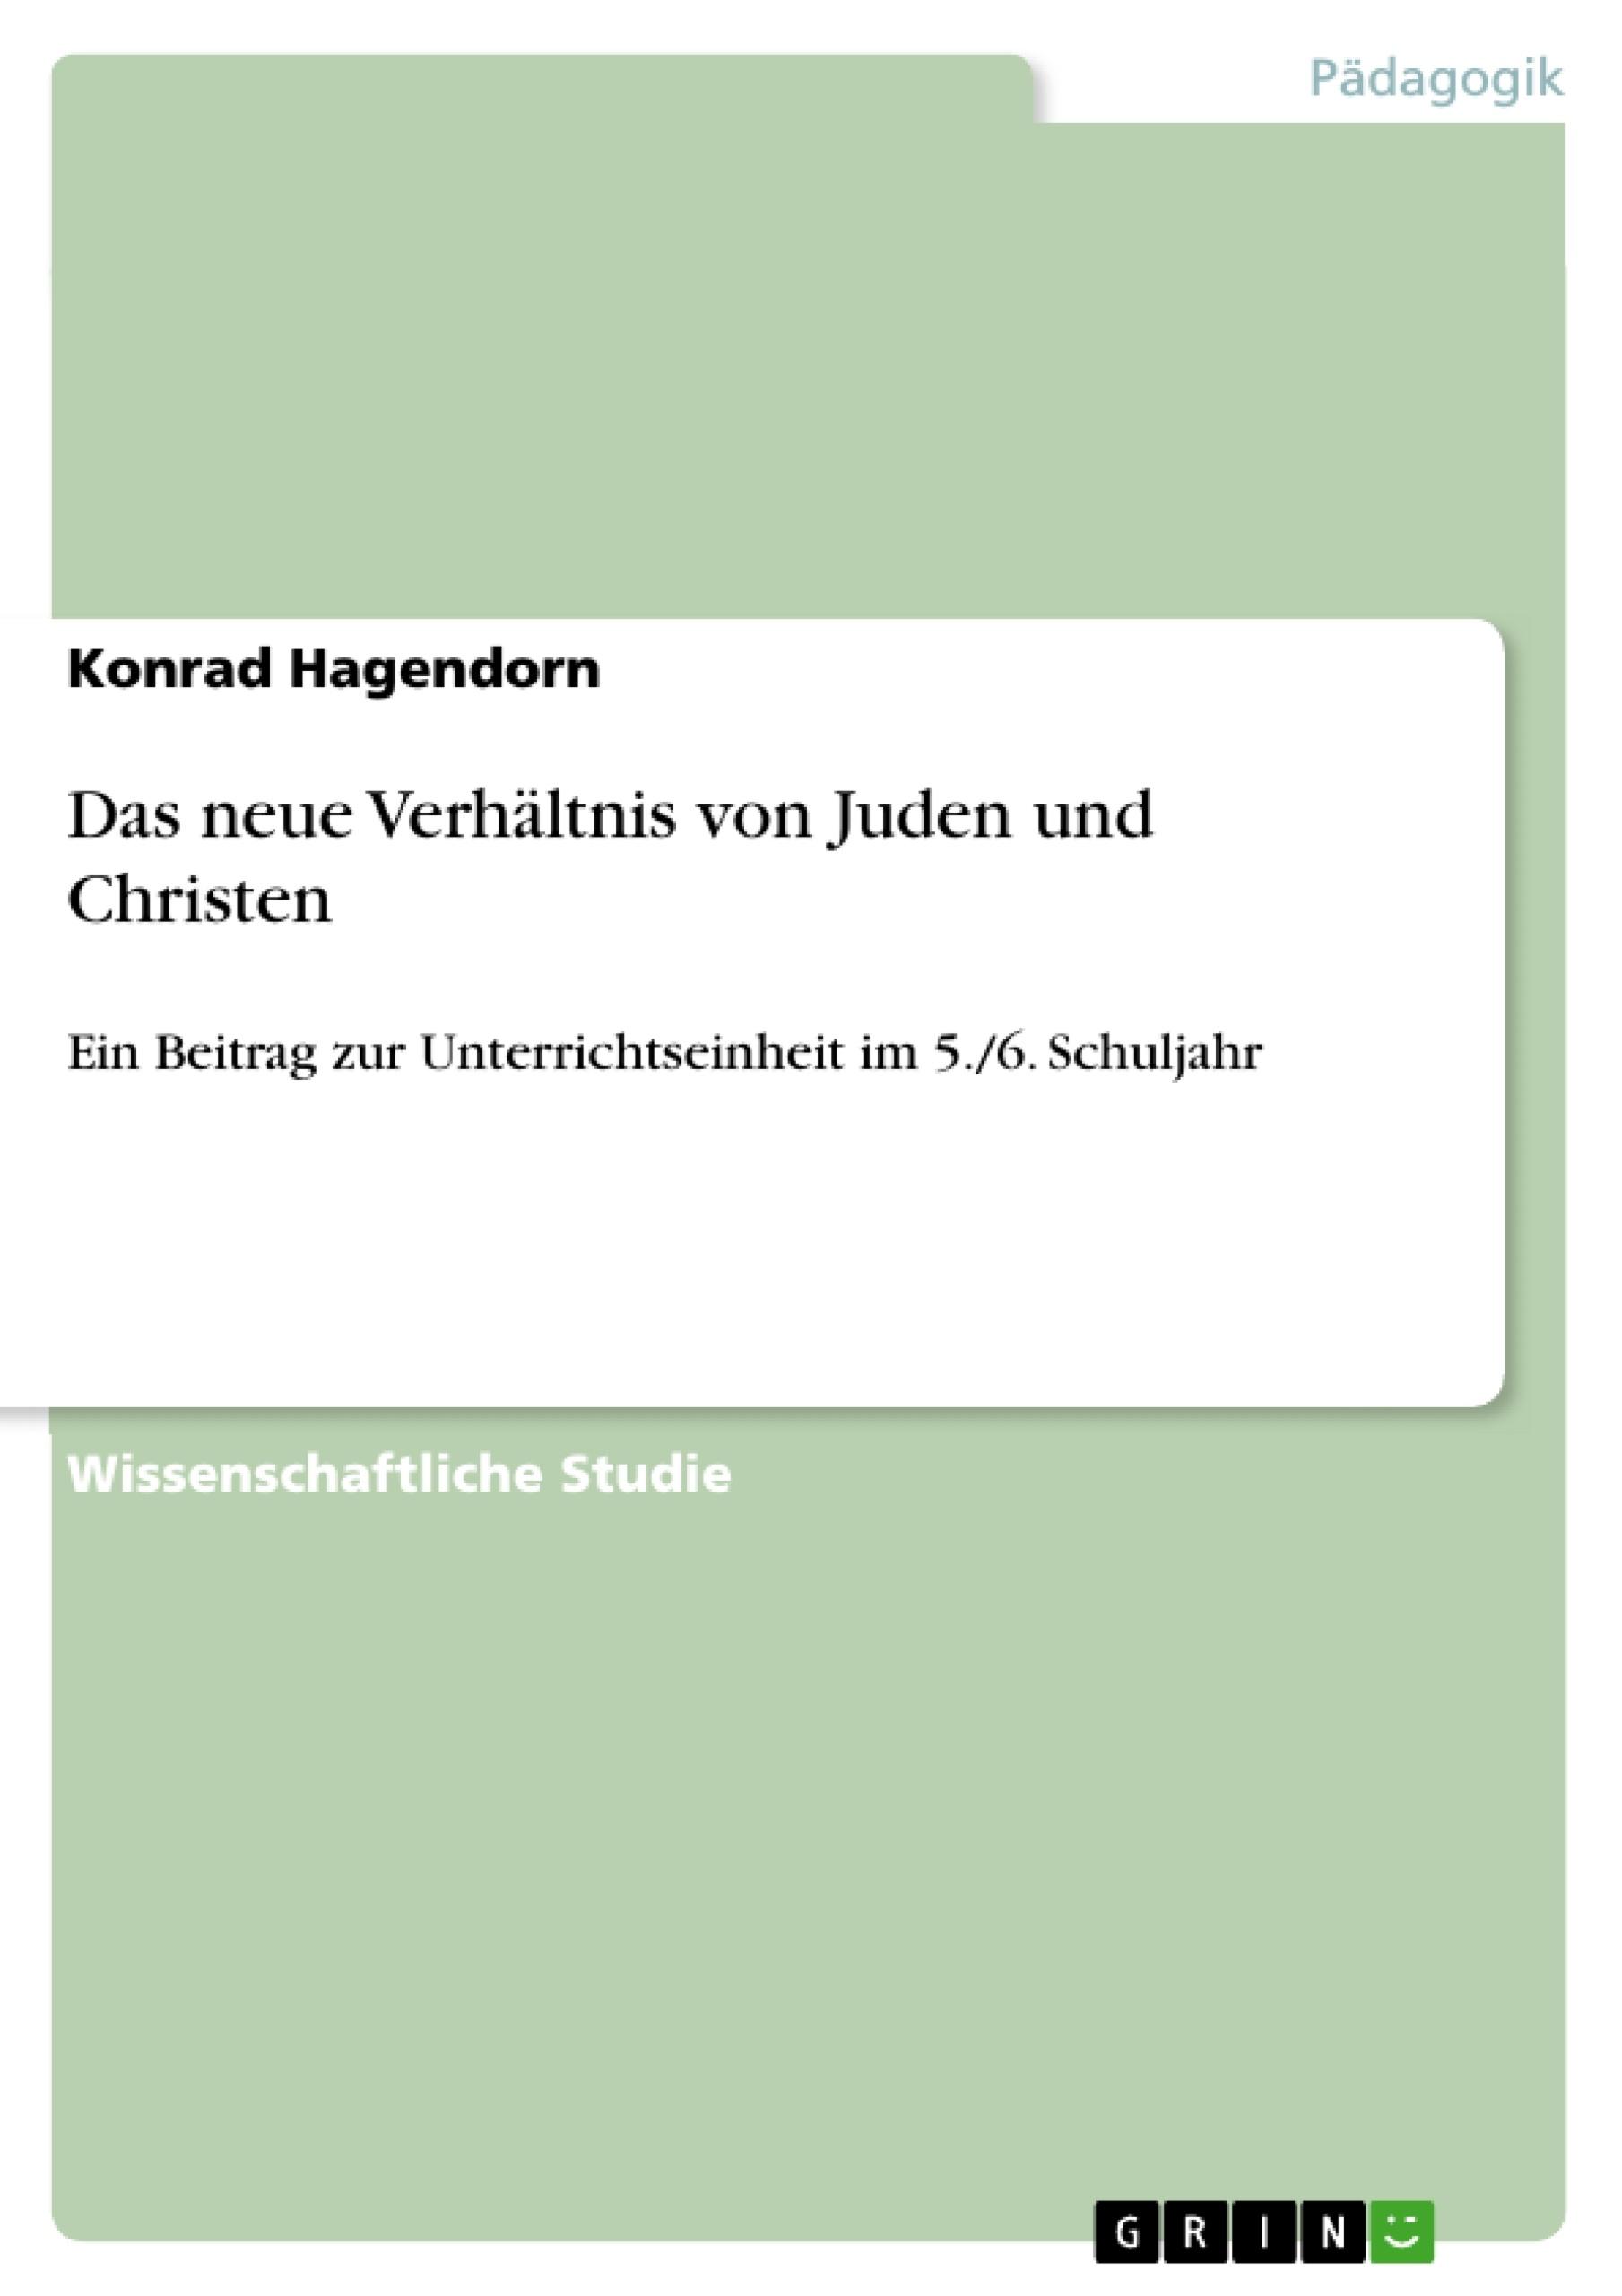 Das neue Verhältnis von Juden und Christen   Masterarbeit ...